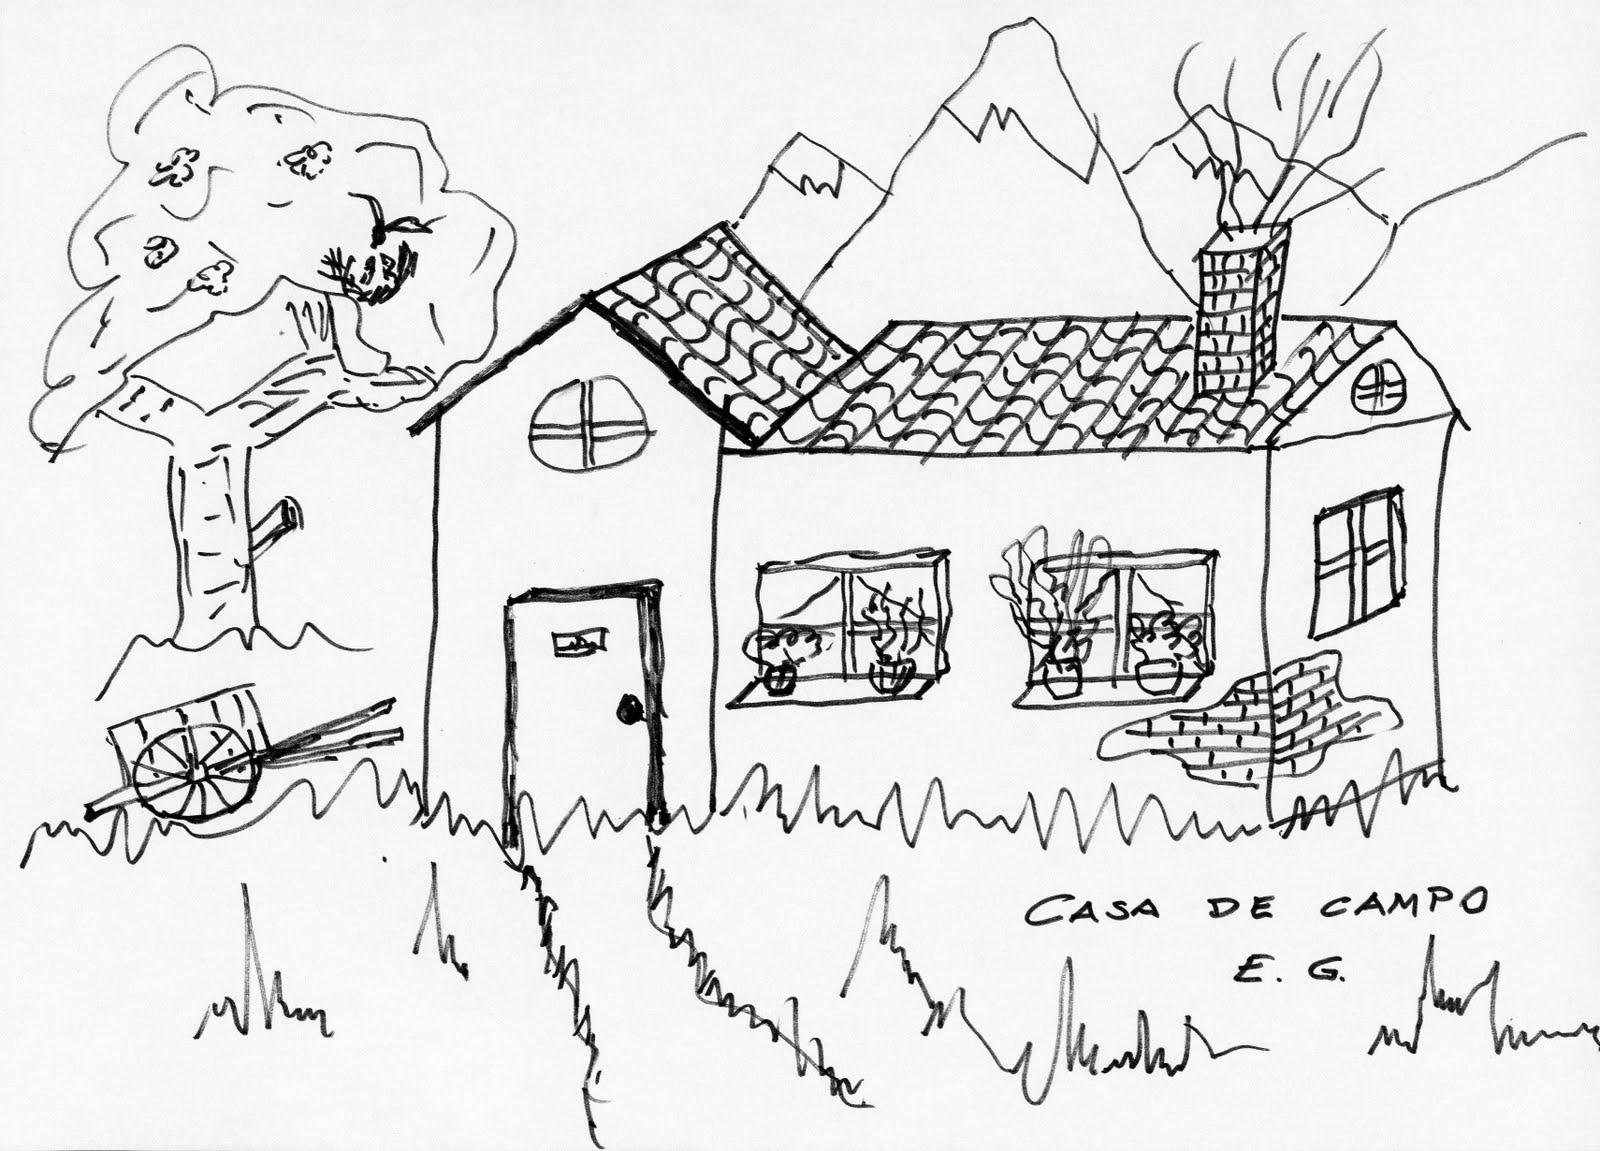 Exposici n monogr fica unjubilado - Fotos de casas para dibujar ...